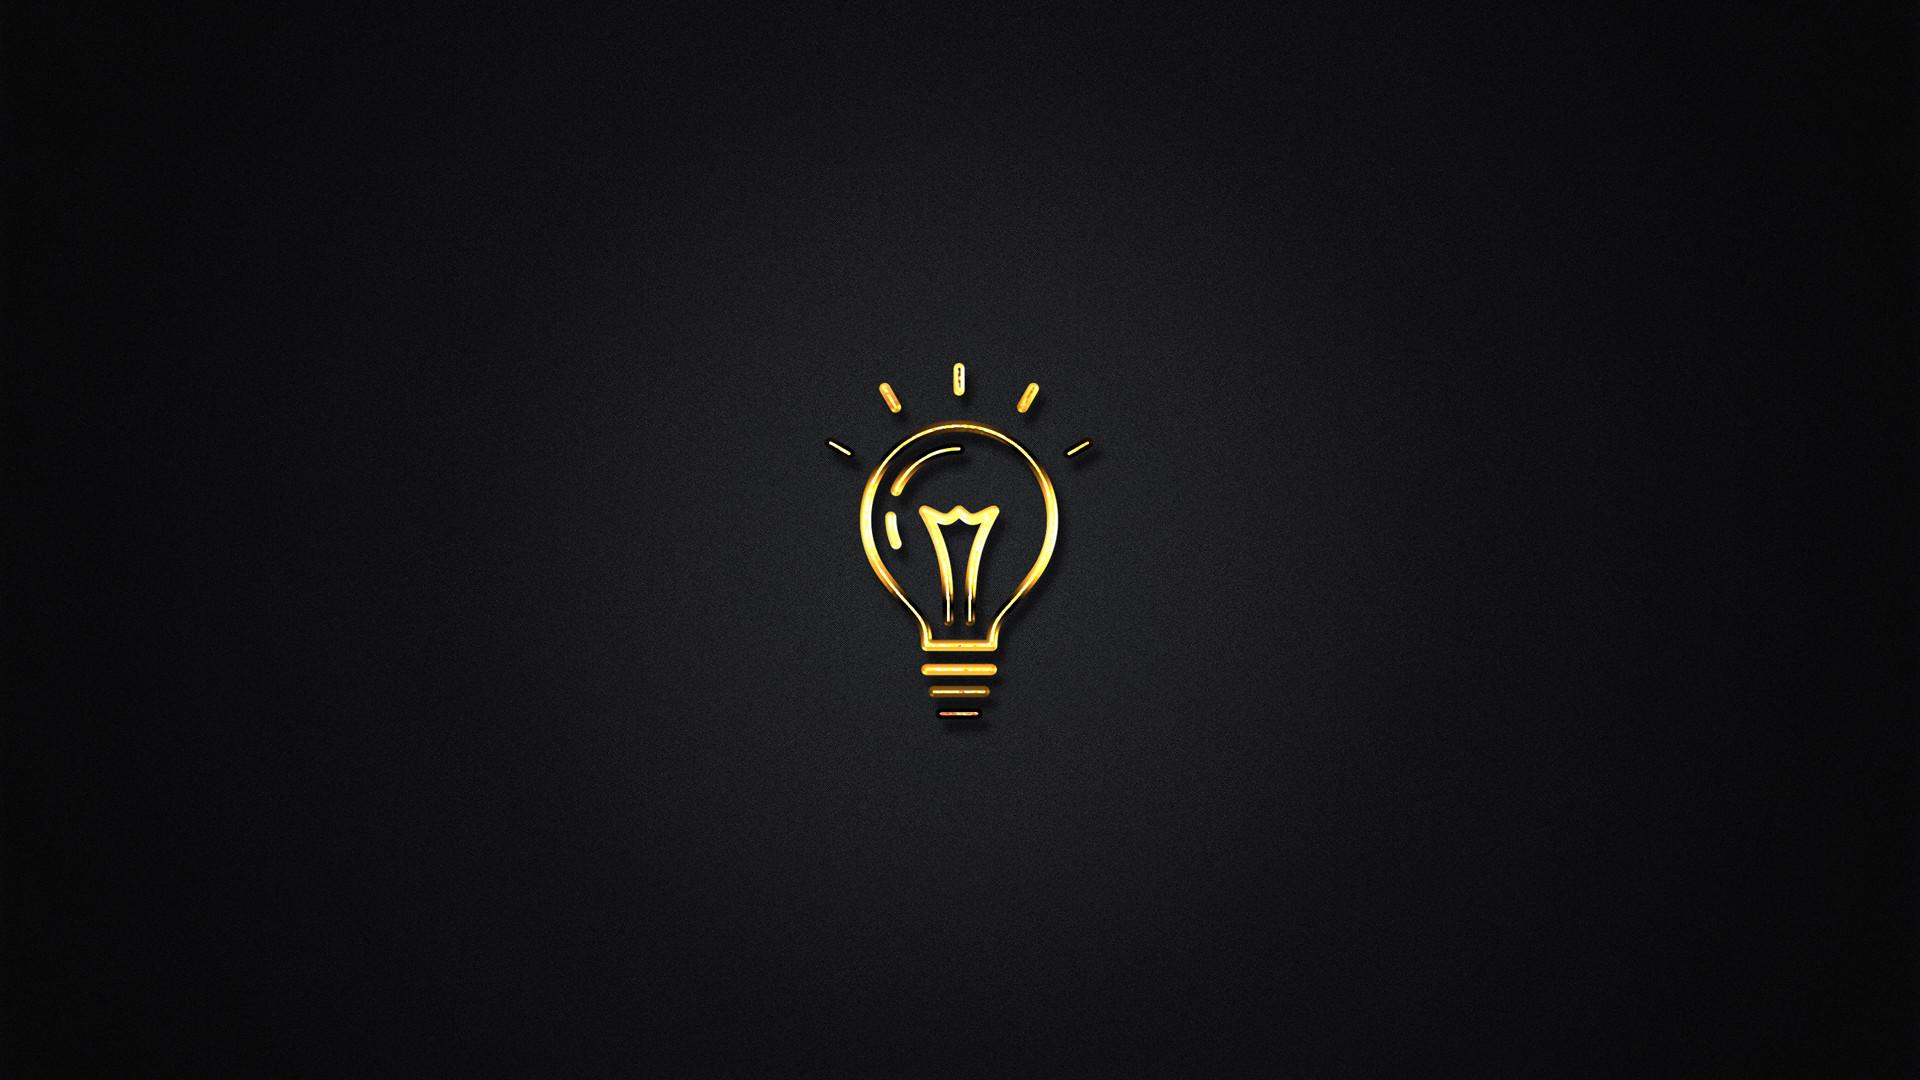 黑色极简主义创意设计灯泡PPT背景图片免费下载是由PPT宝藏(www.pptbz.com)会员zengmin上传推荐的简约PPT背景图片, 更新时间为2017-01-21,素材编号120479。 灯泡,通过电能而发光发热的照明源,由亨利戈培尔发明(爱迪生实际上是找到了合适是材料,即发明了实用性强的白炽灯,而灯泡早在1854年就出现了)。 历史 一般认为电灯是由美国人汤马士·爱迪生所发明。但倘若认真的考据,另一美国人亨利·戈培尔(Heinrich Göbel)比